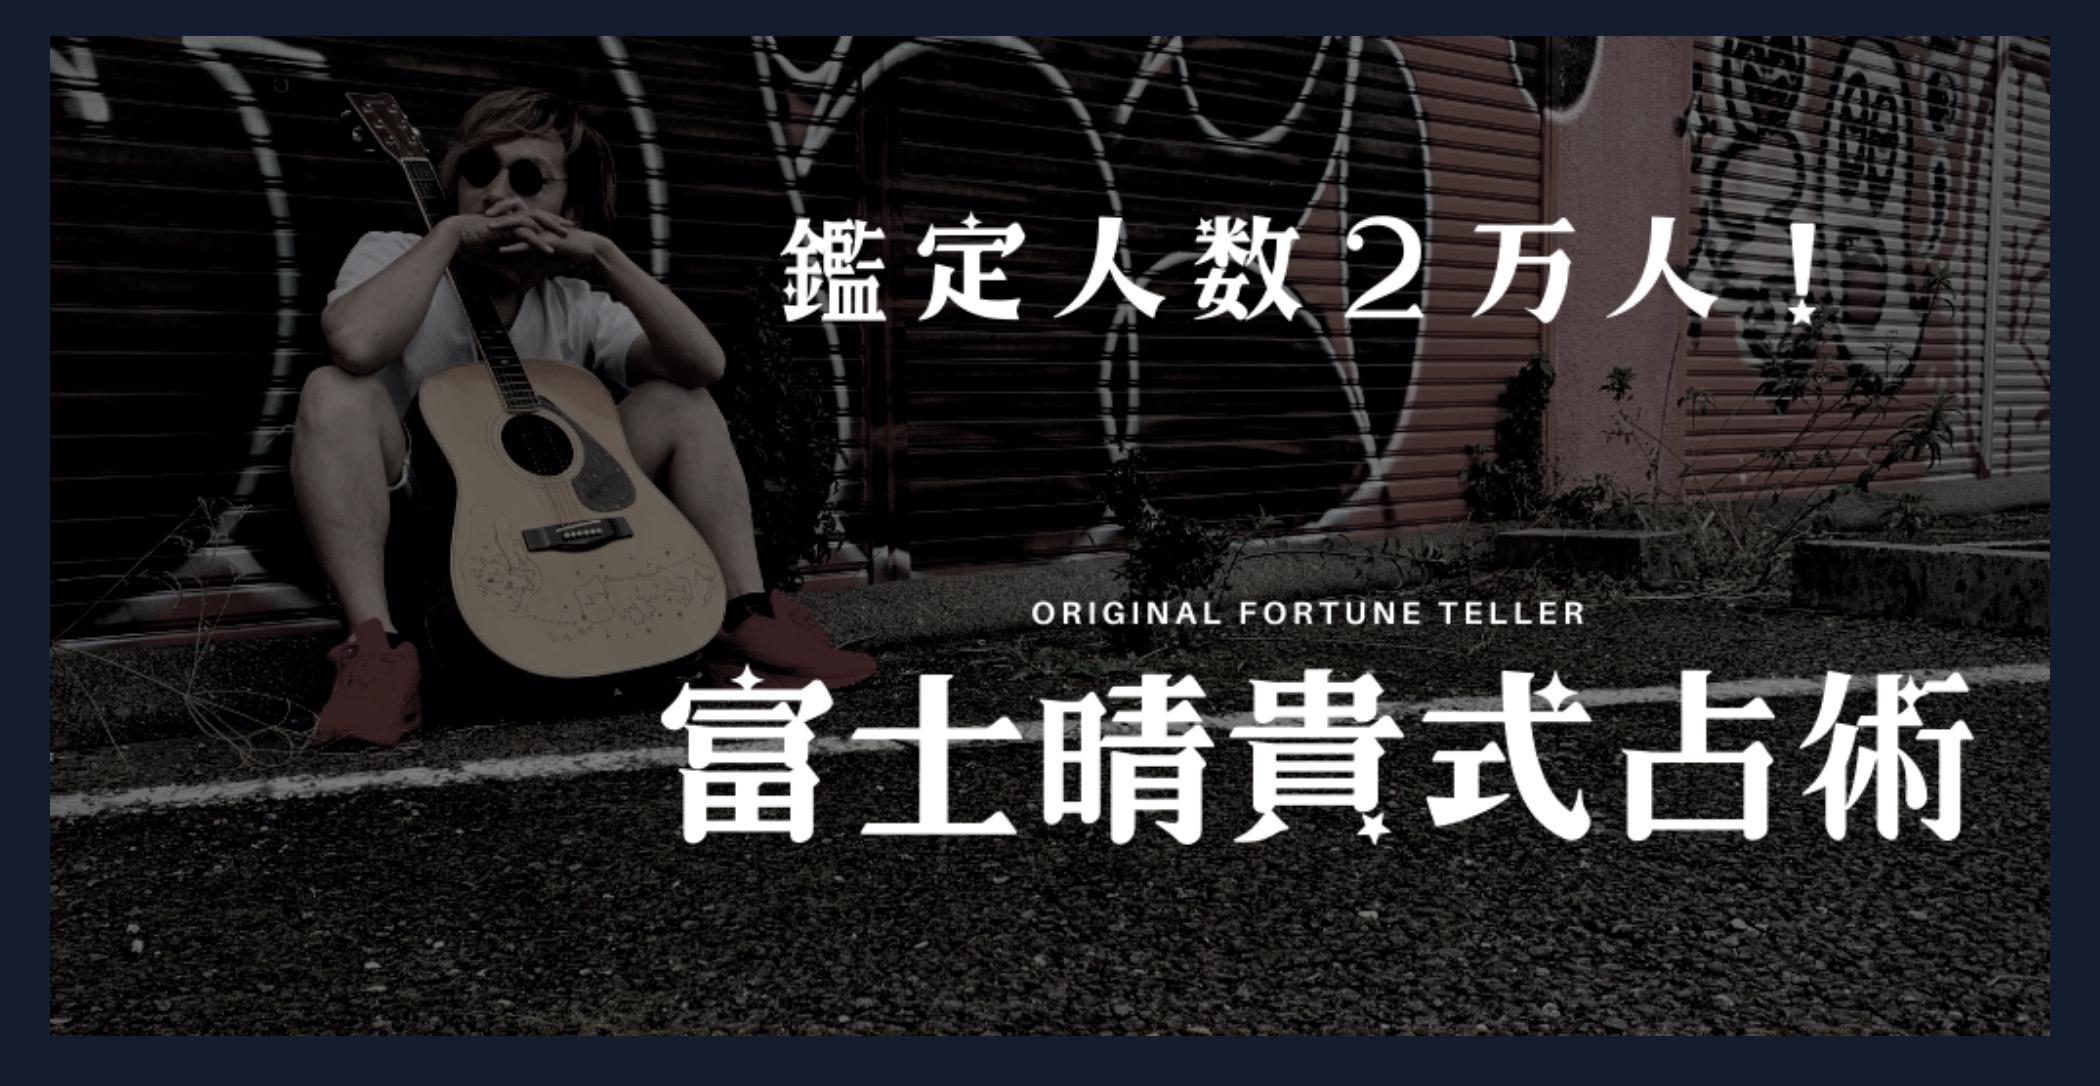 富士晴貴式占術ホームページ画像